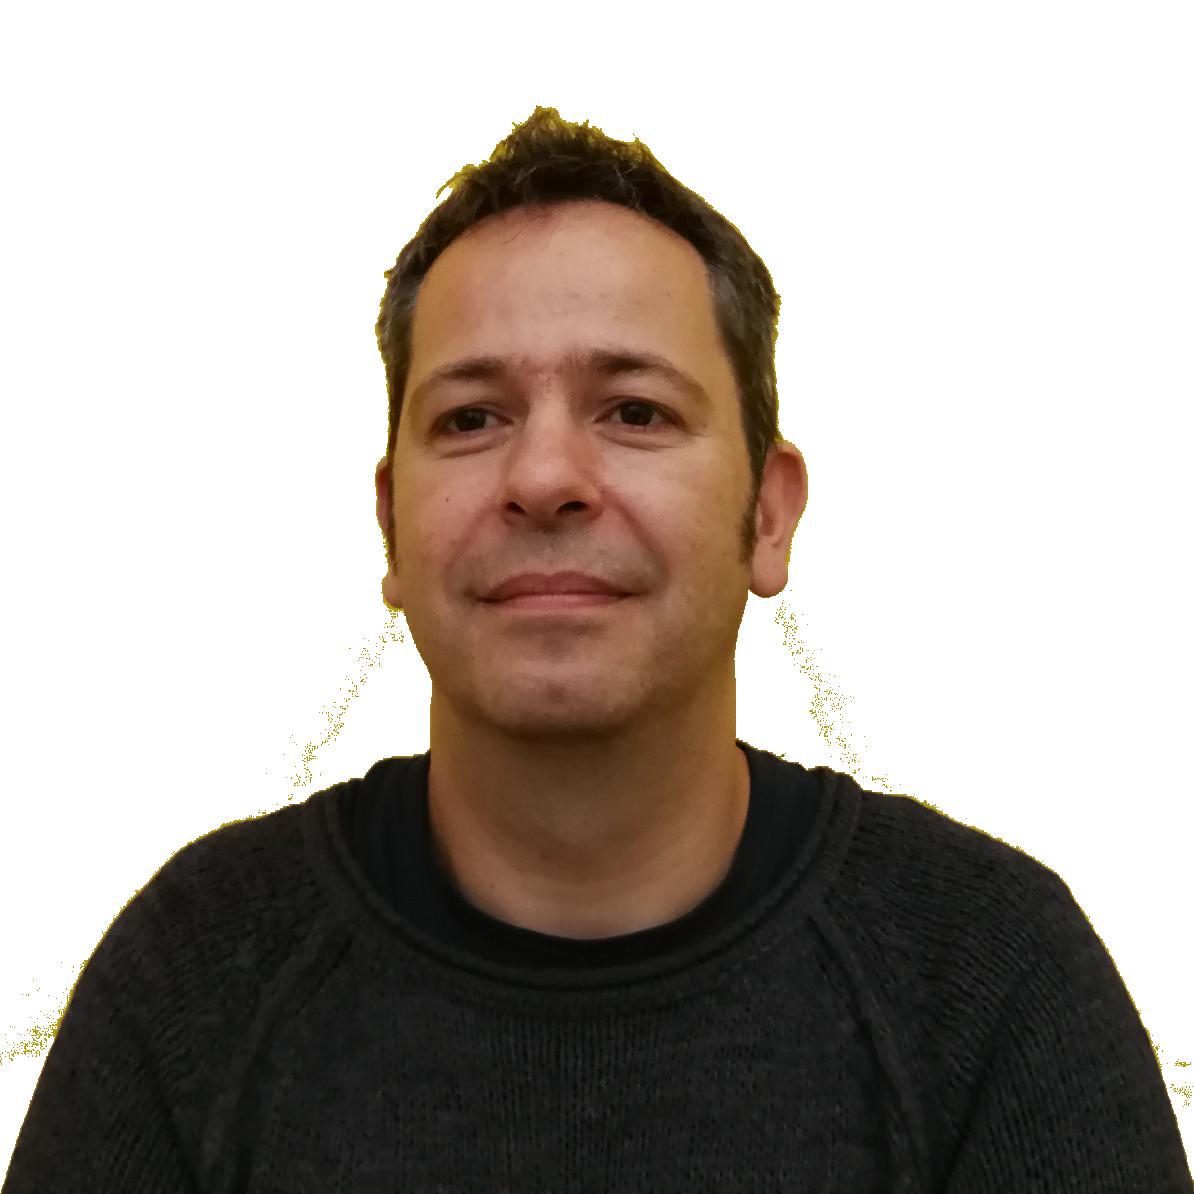 Tobias Wiltschek